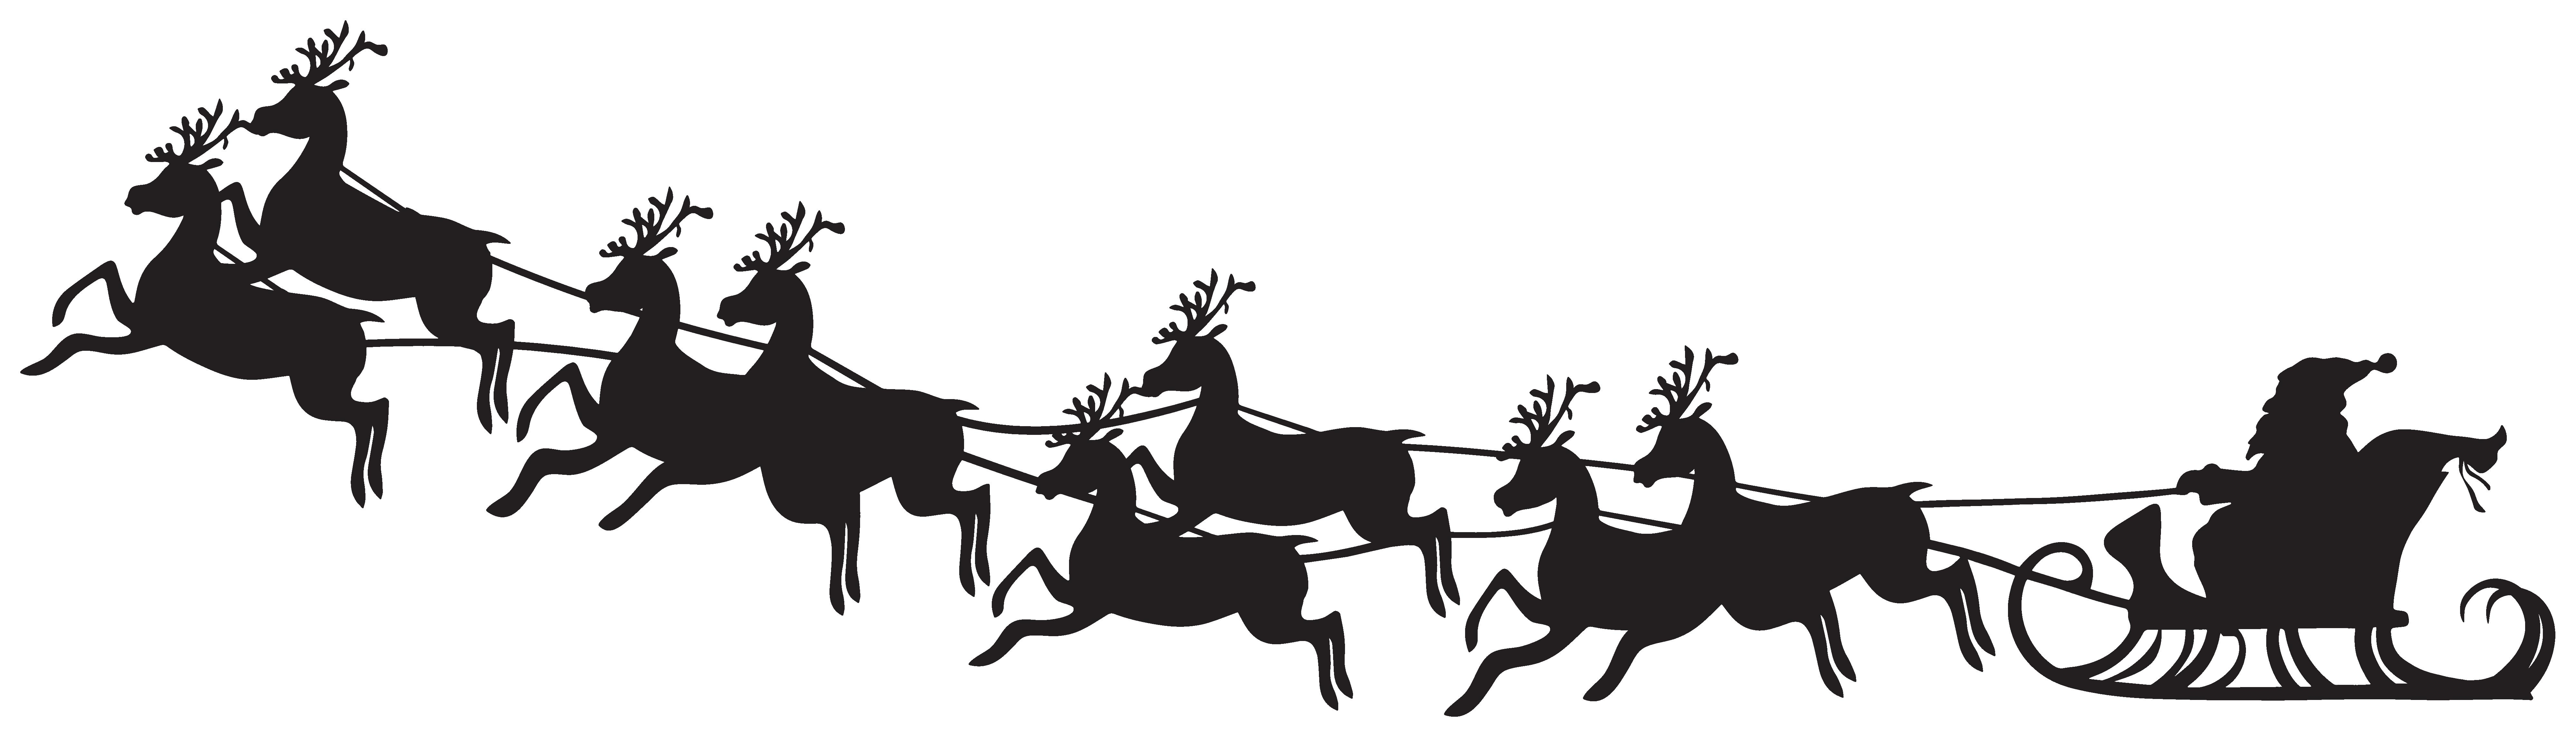 Santa Sleigh Silhouette Clip Art Image.